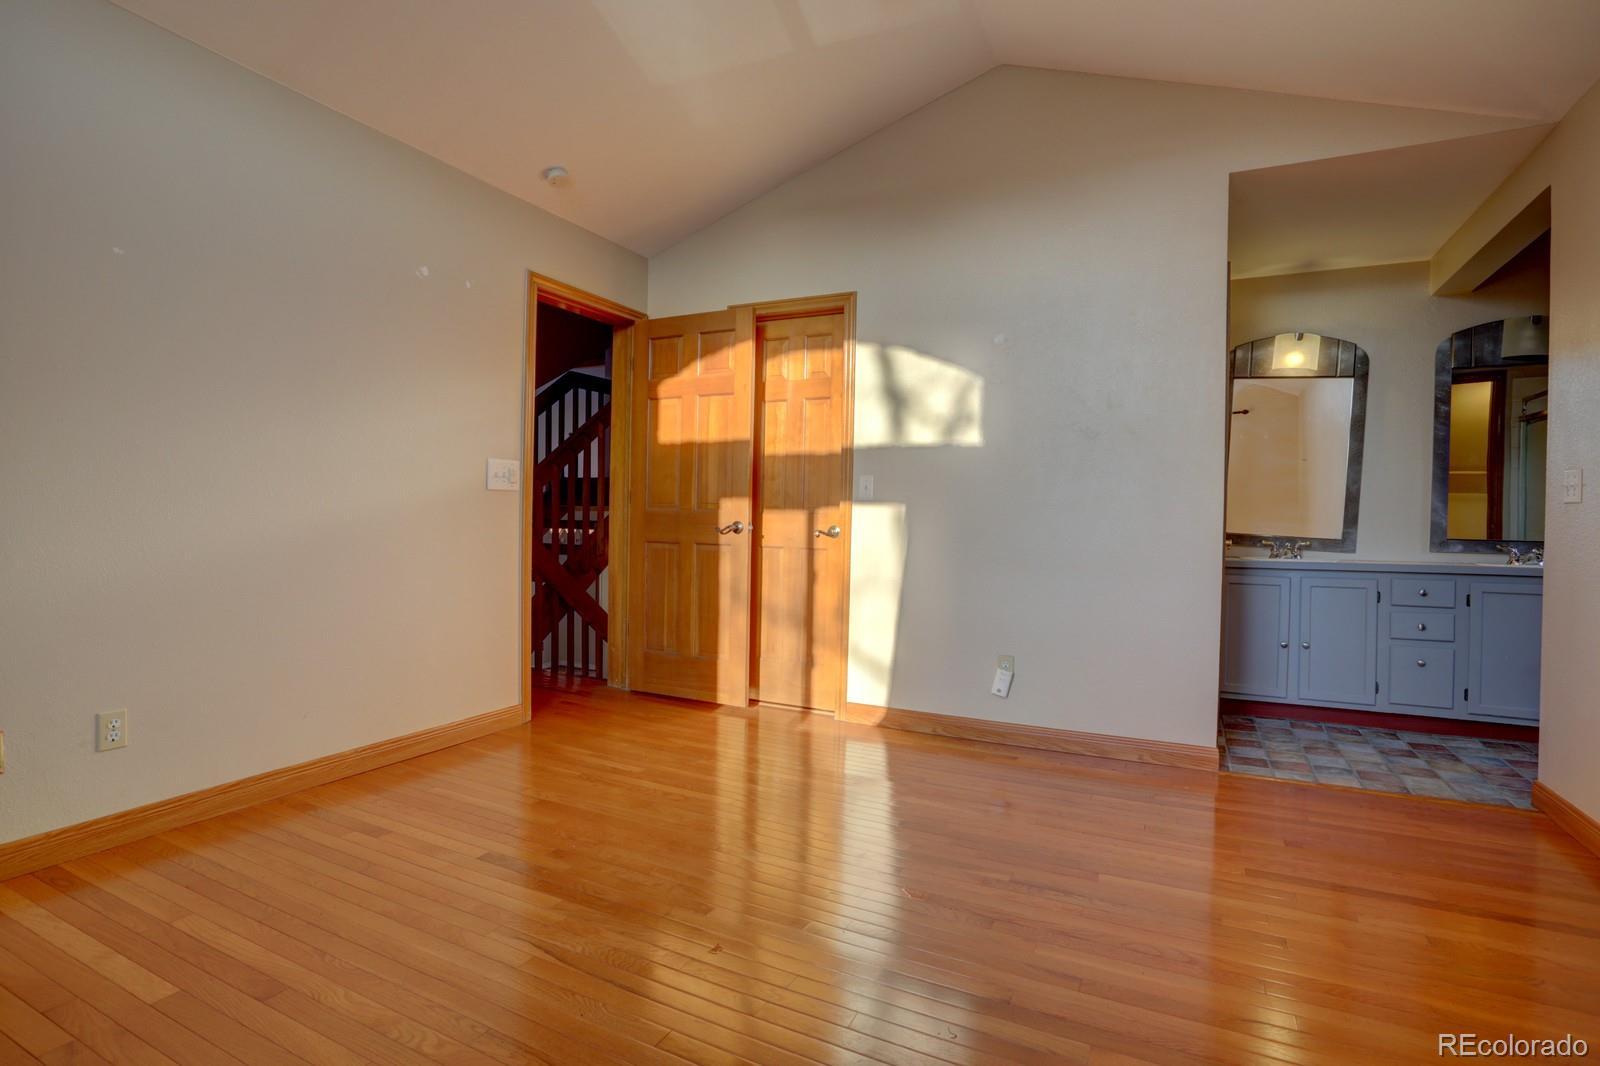 MLS# 5345837 - 18 - 5740 Slick Rock Court, Boulder, CO 80301